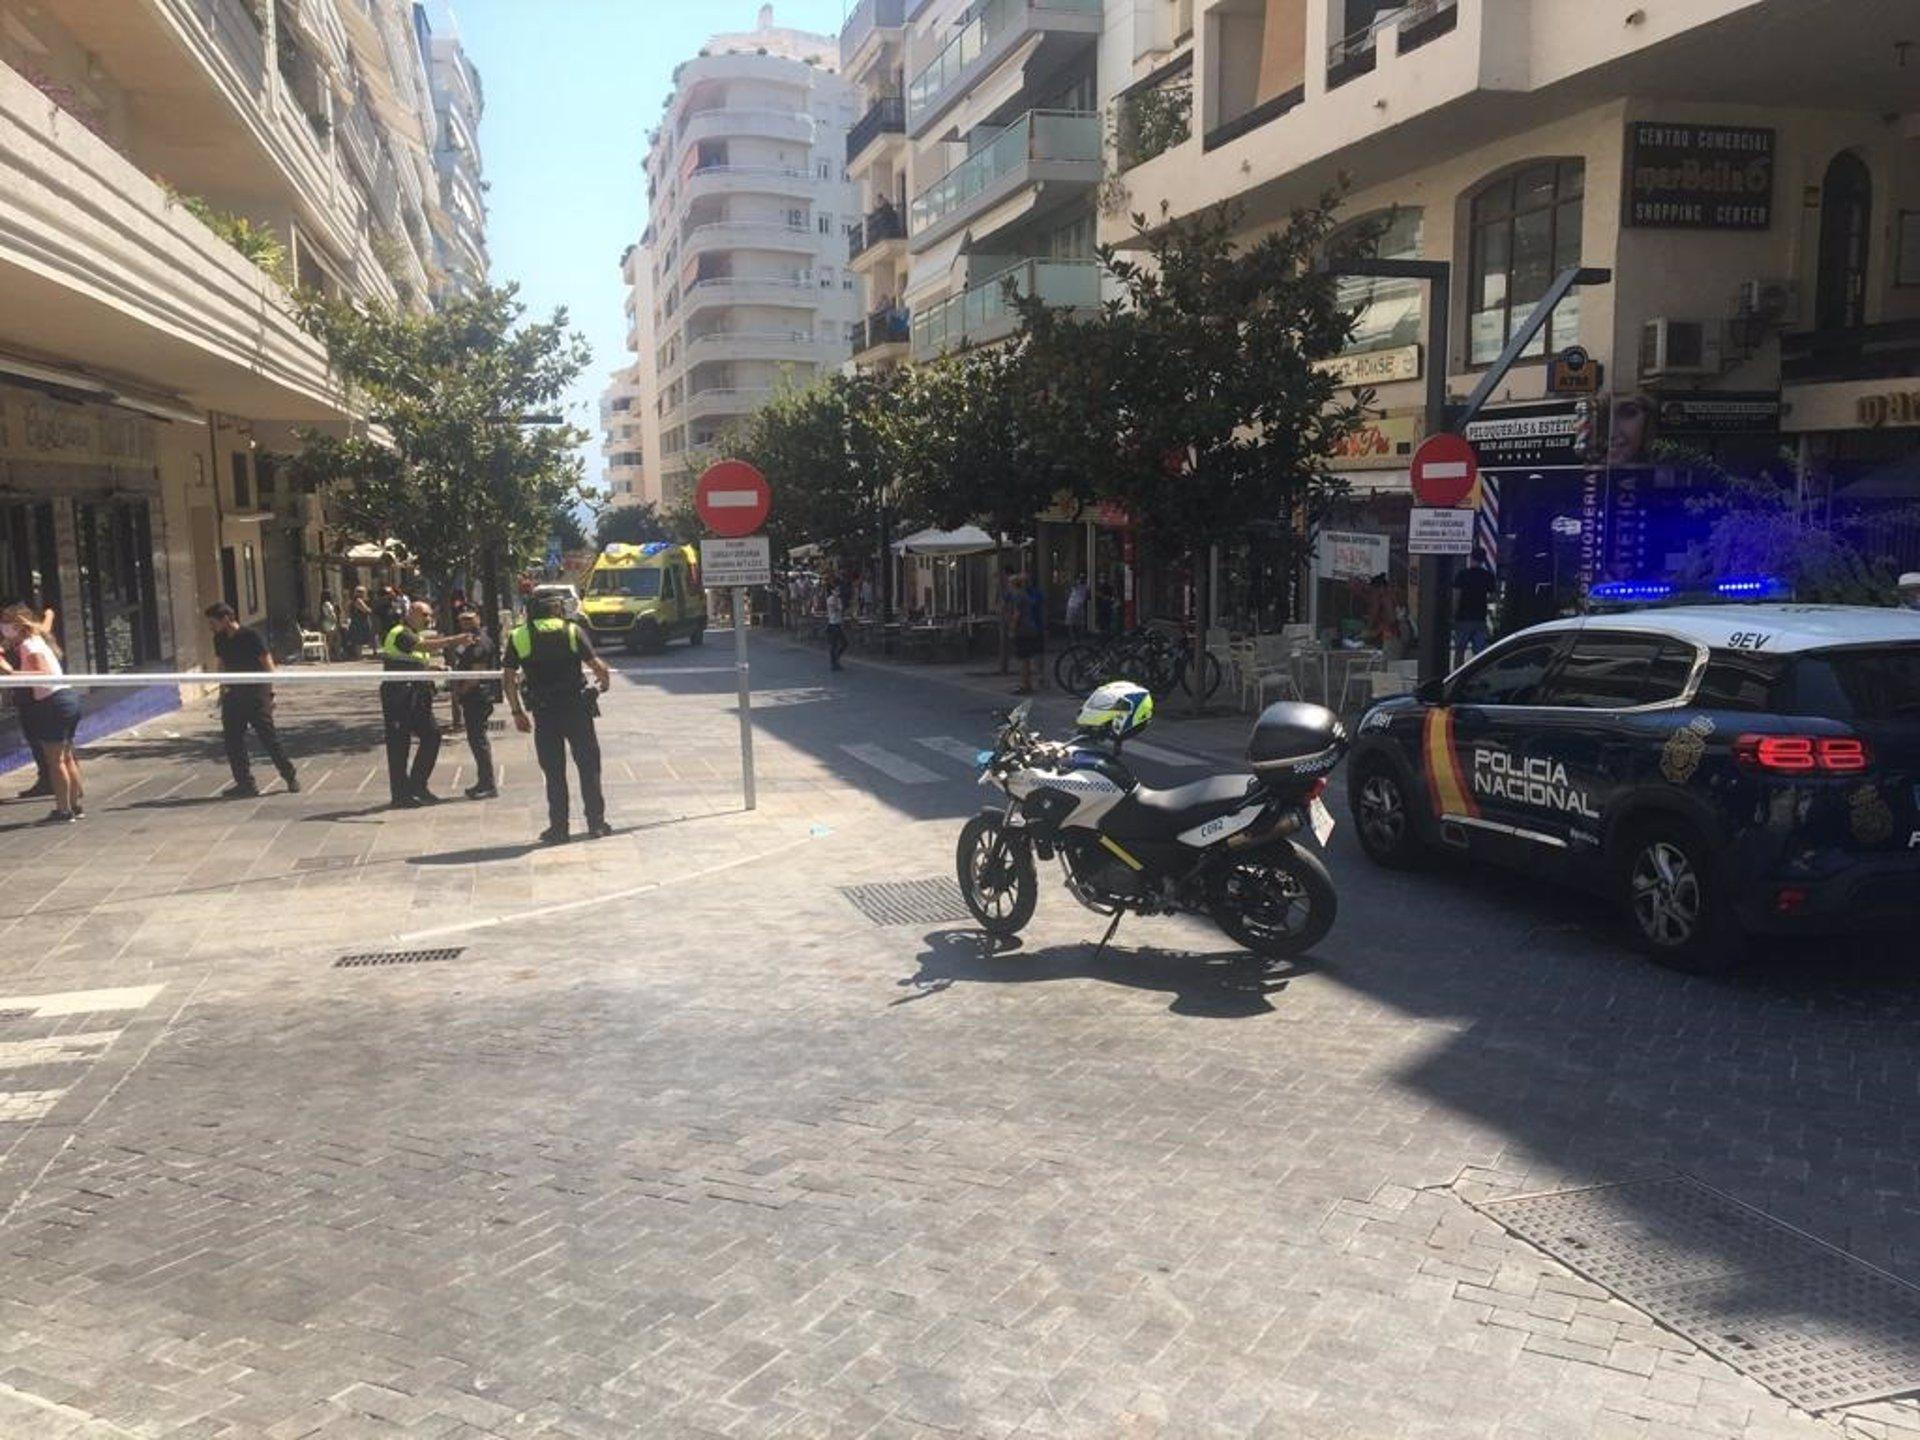 Nueve heridos en un atropello múltiple en una terraza de un bar en Marbella